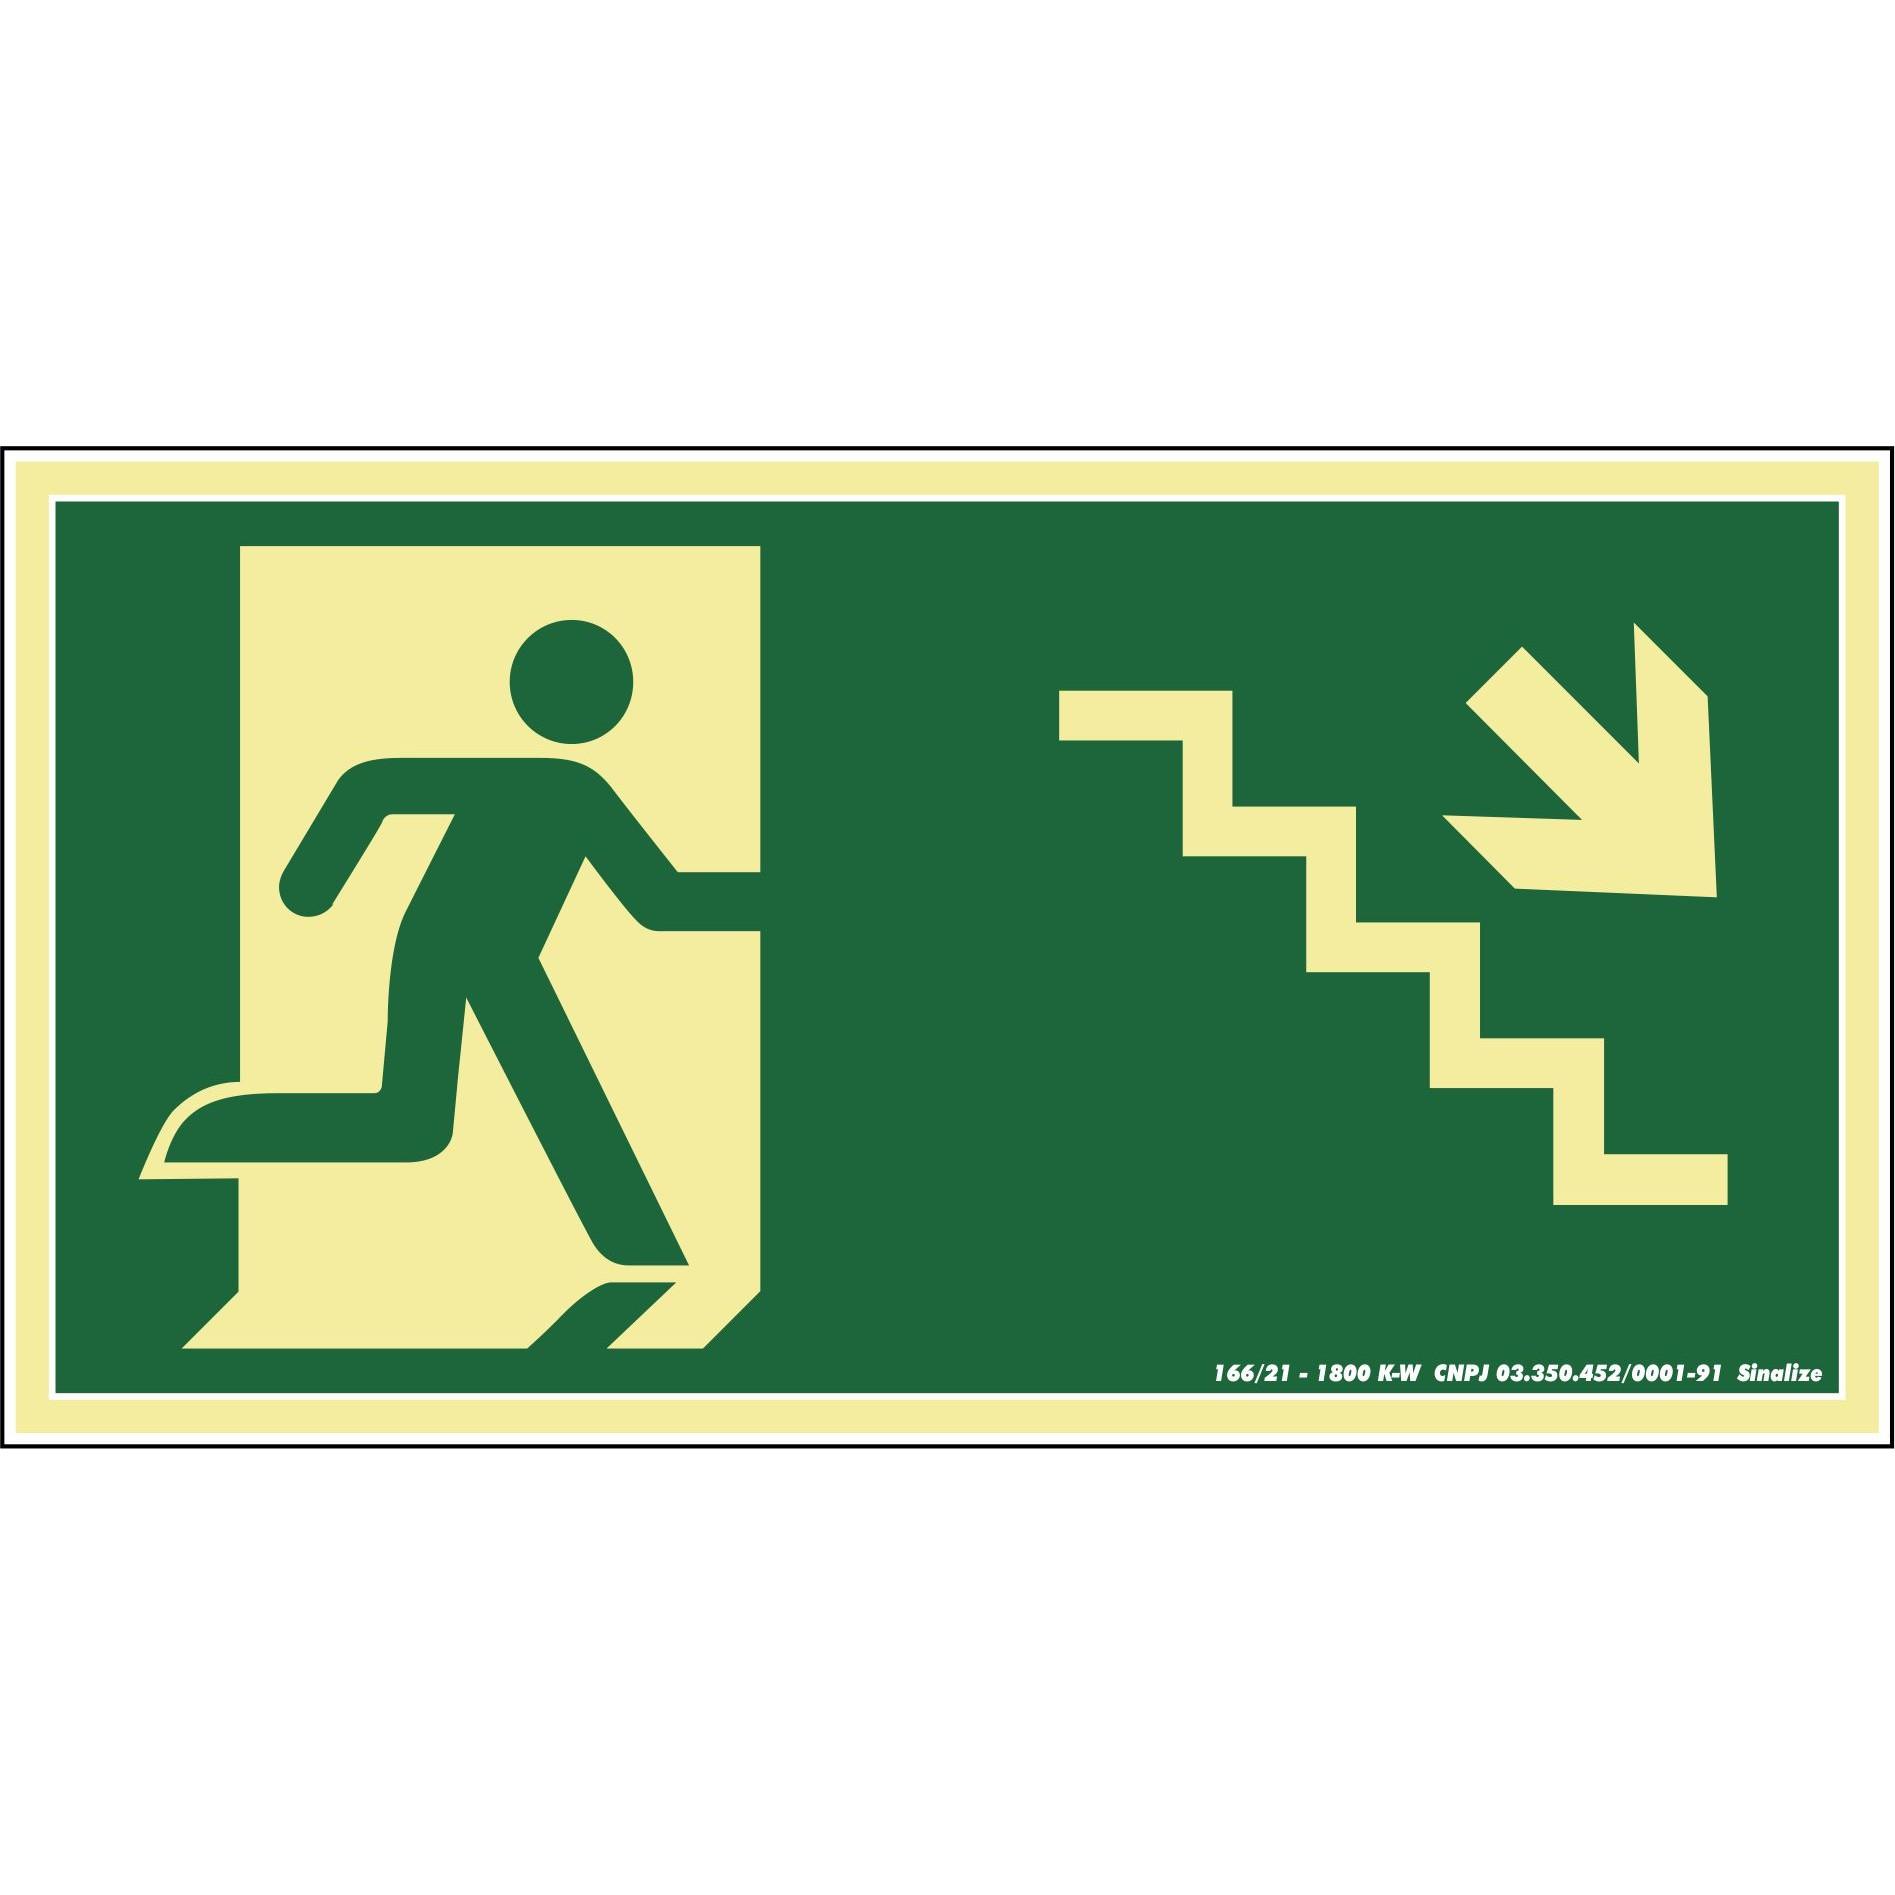 Placa de PVC Saida De Emergencia - Escada Desce A Direita 30cm x 15cm Verde Escuro - Sinalize